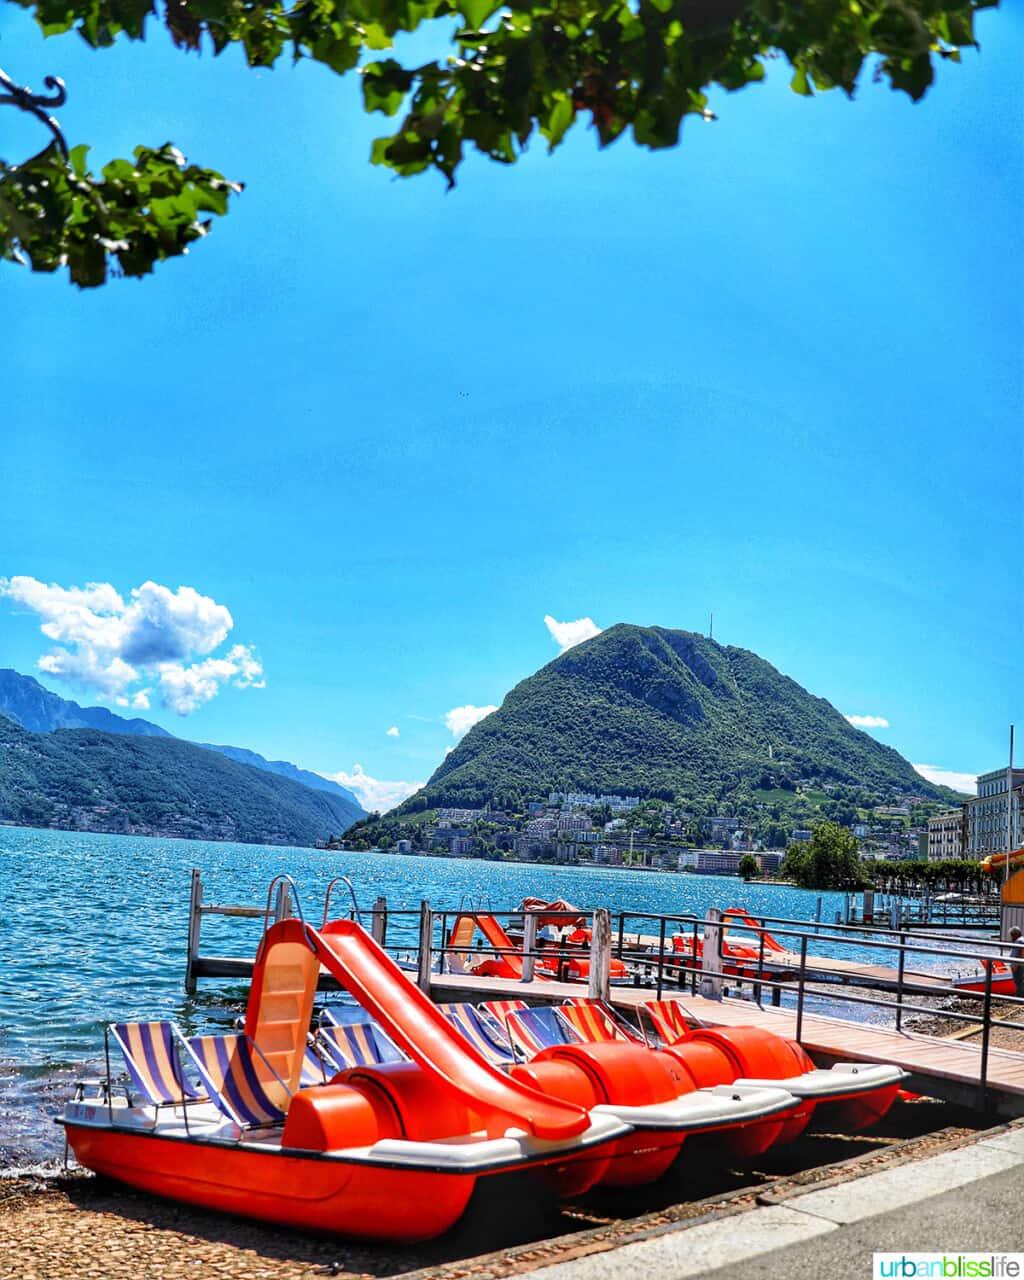 paddleboats on Lake Lugano